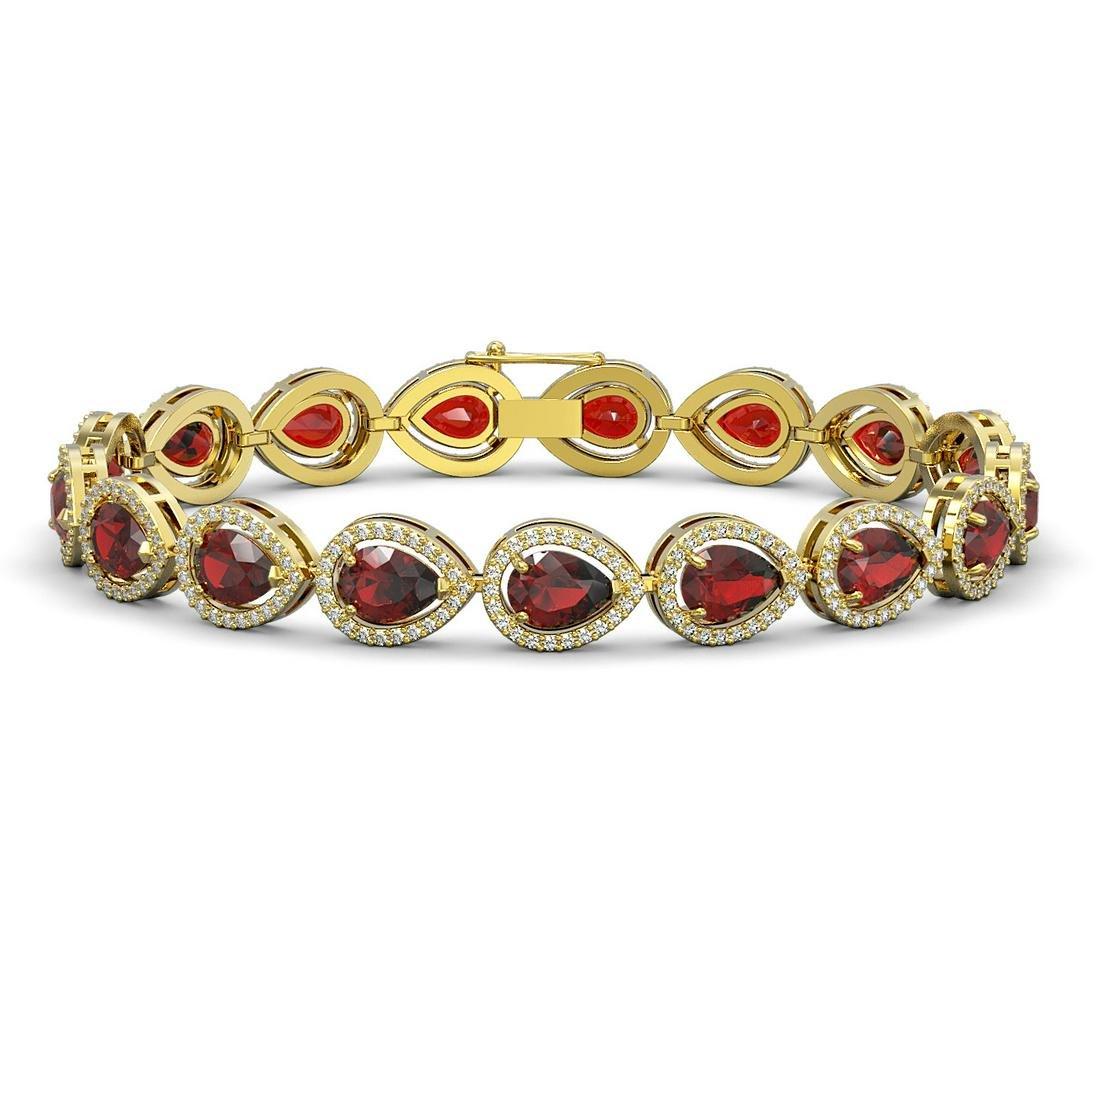 17.44 ctw Garnet & Diamond Halo Bracelet 10K Yellow